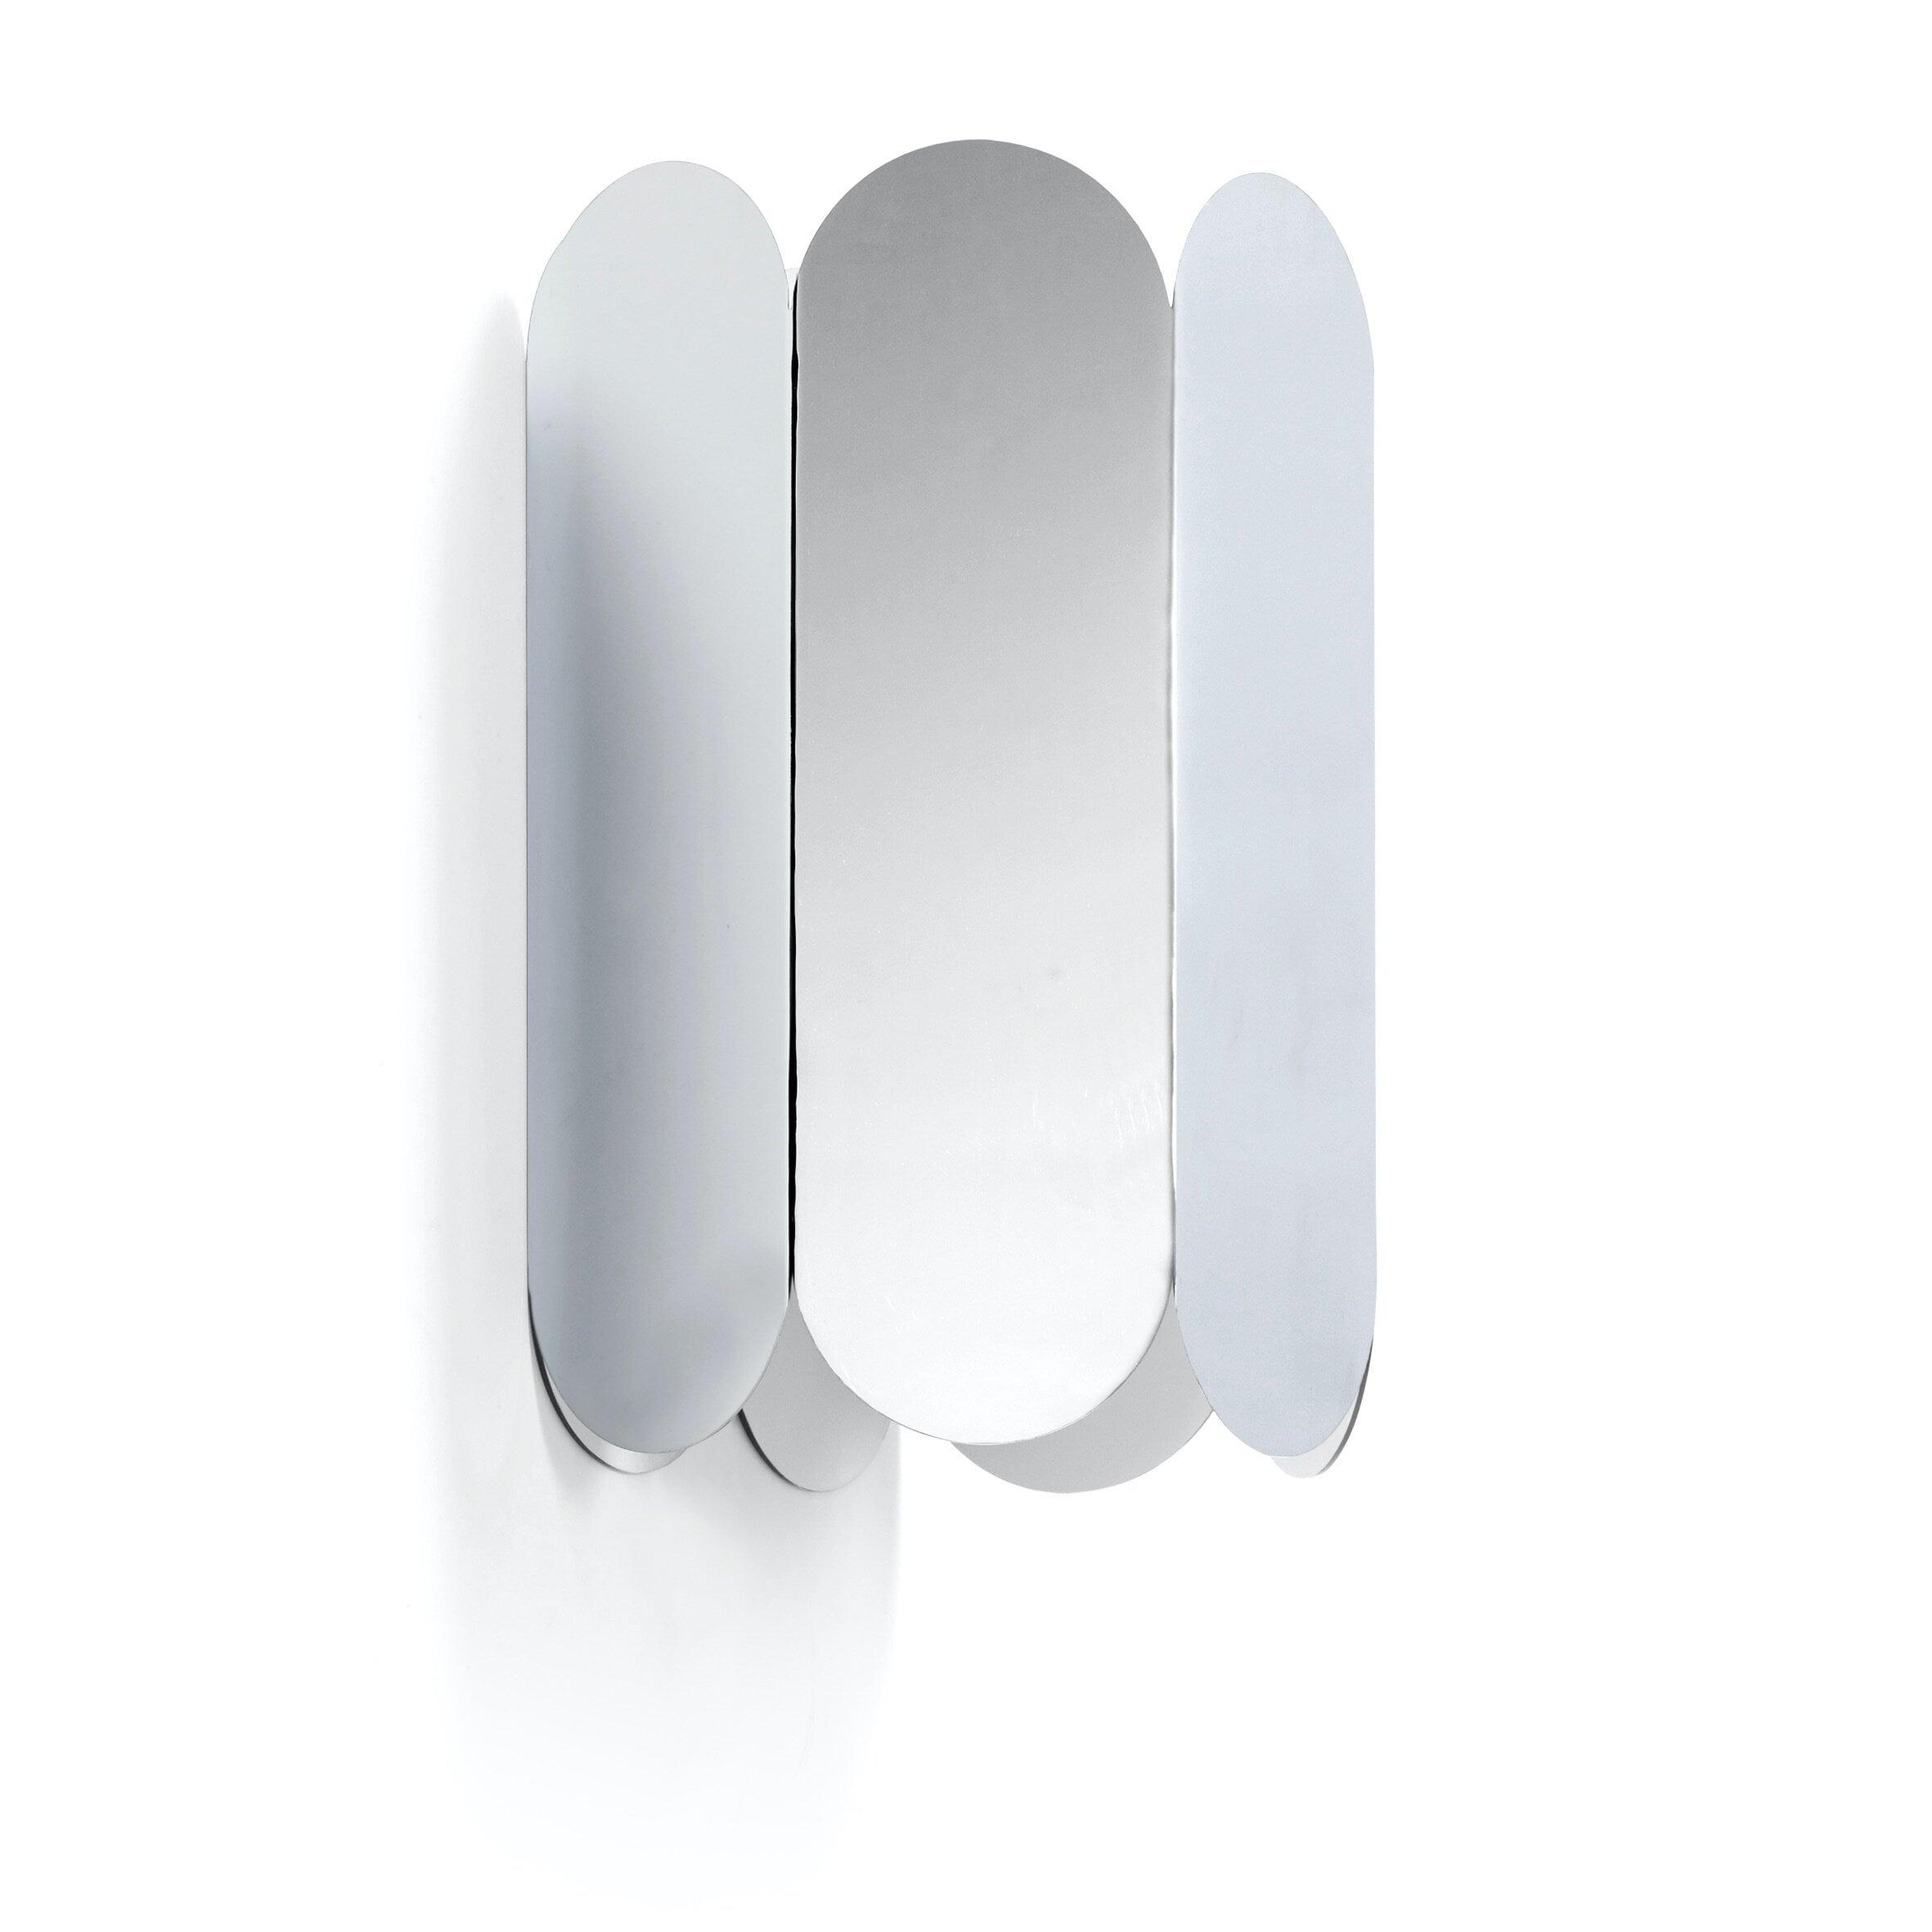 Arcs vägglampa Sconce spegel